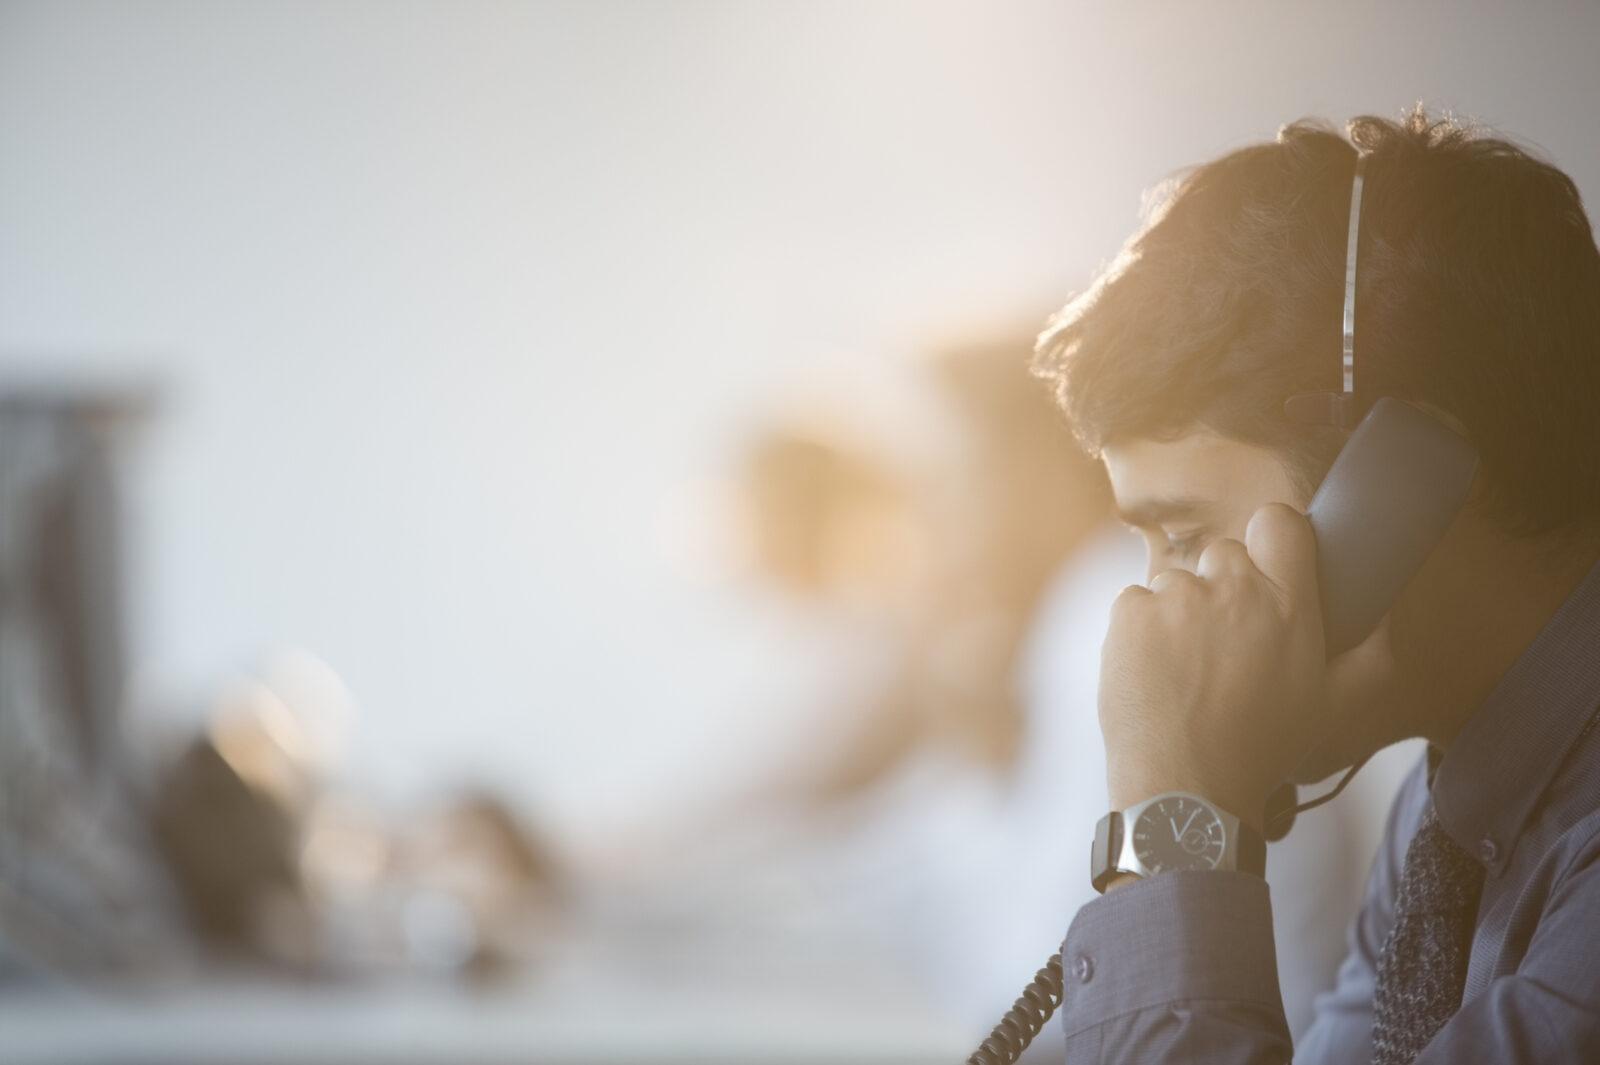 Cansou de receber ligações chatas de telemarketing? Saiba como bloquear seu número para não receber mais